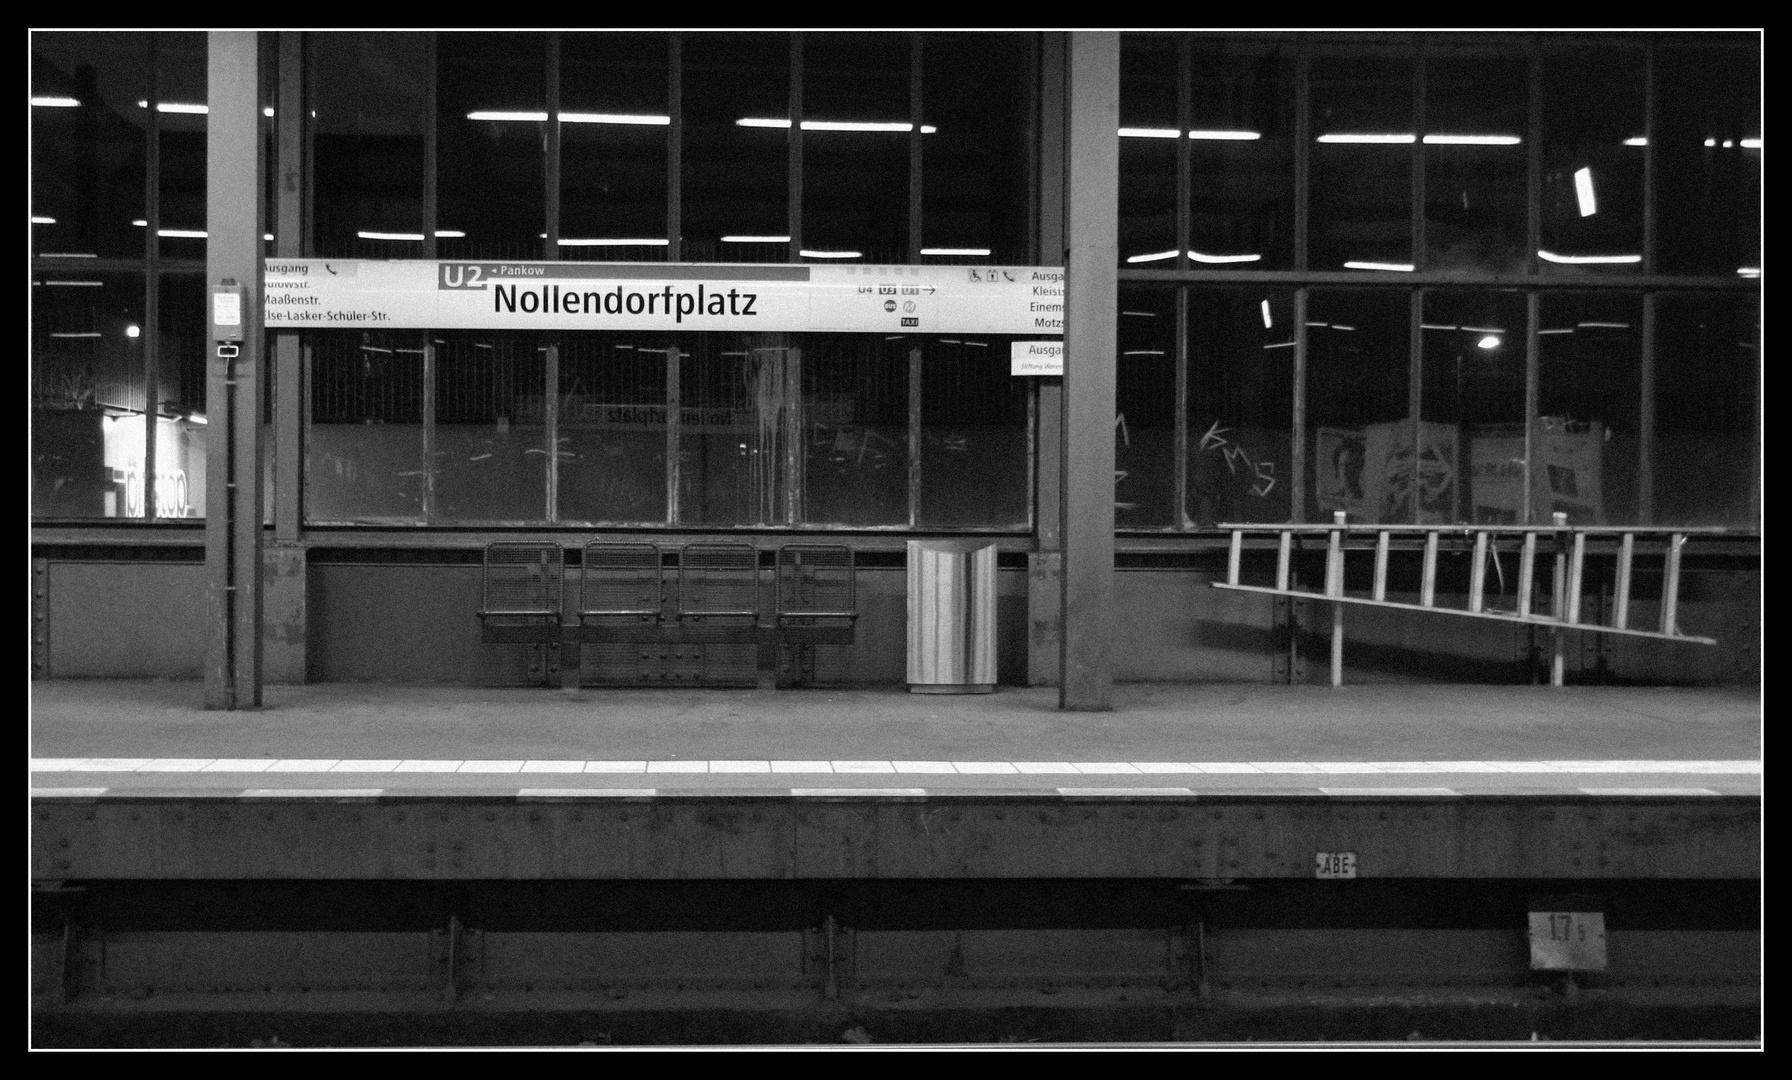 U-Bahnhof Nollendorfplatz (1)